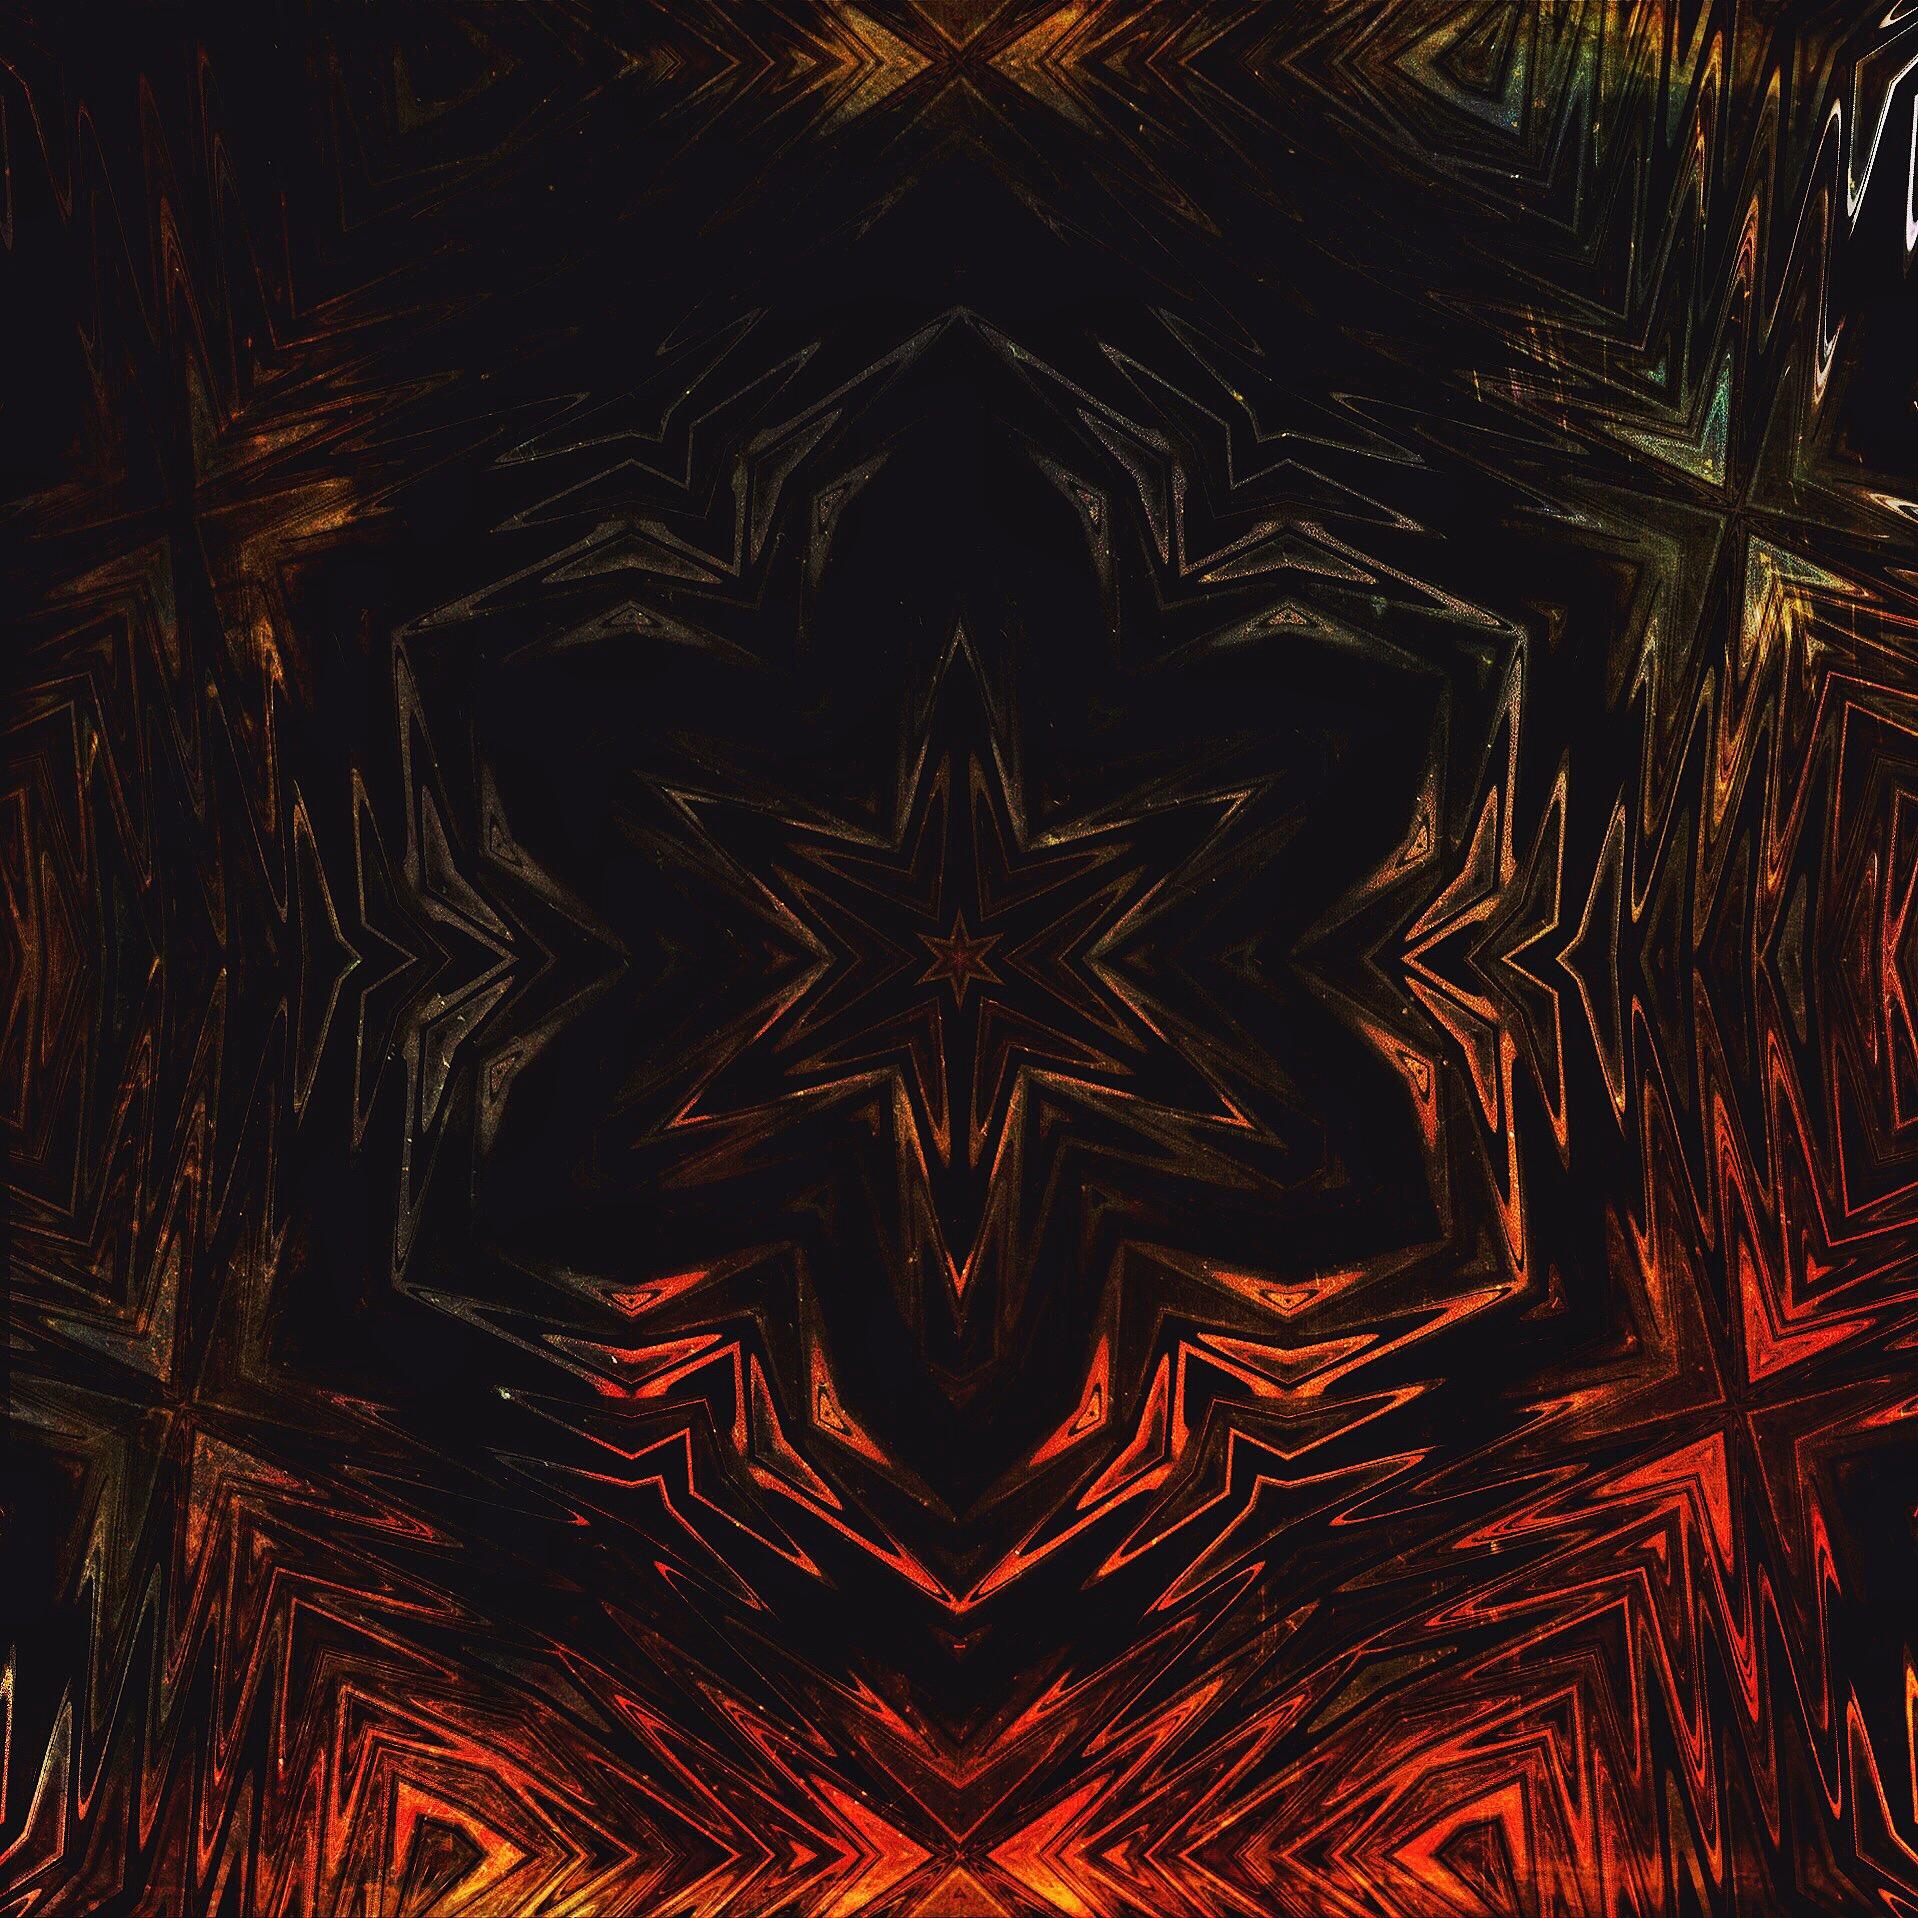 Dungeon - 9-10-18